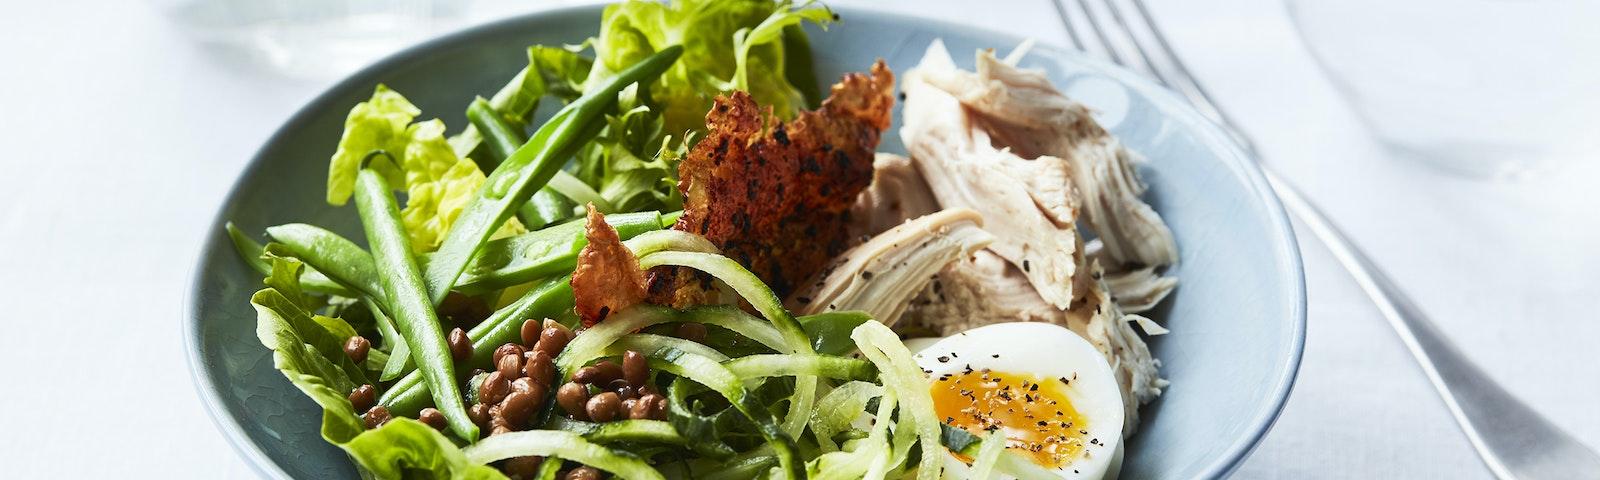 Salladsbowl med kyckling och ägg